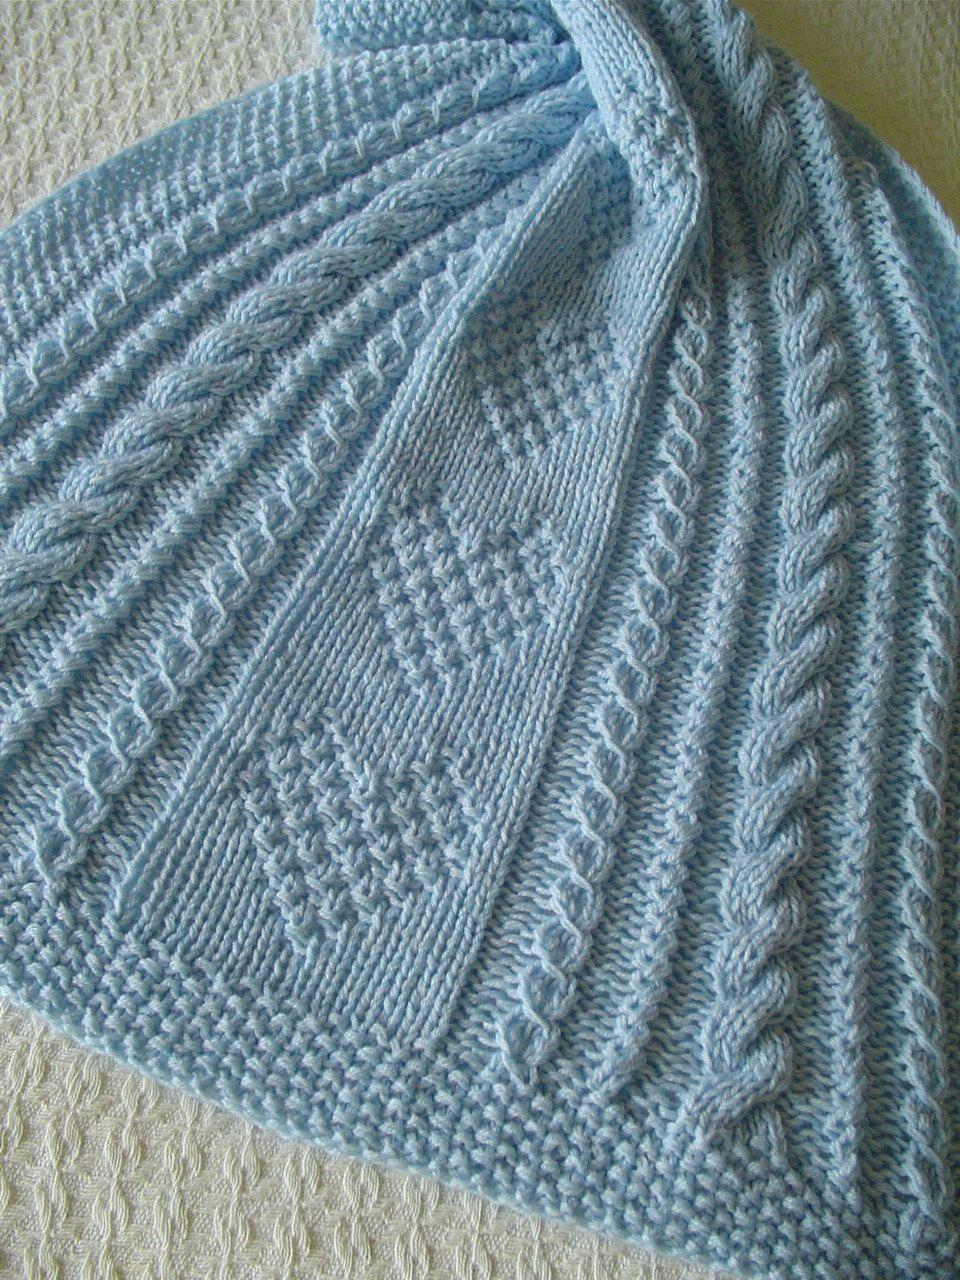 2a3d0d10b0ee6 Baby Blanket #5, Blue Baby Blanket, Handknit Baby Afghan, Handmade ...